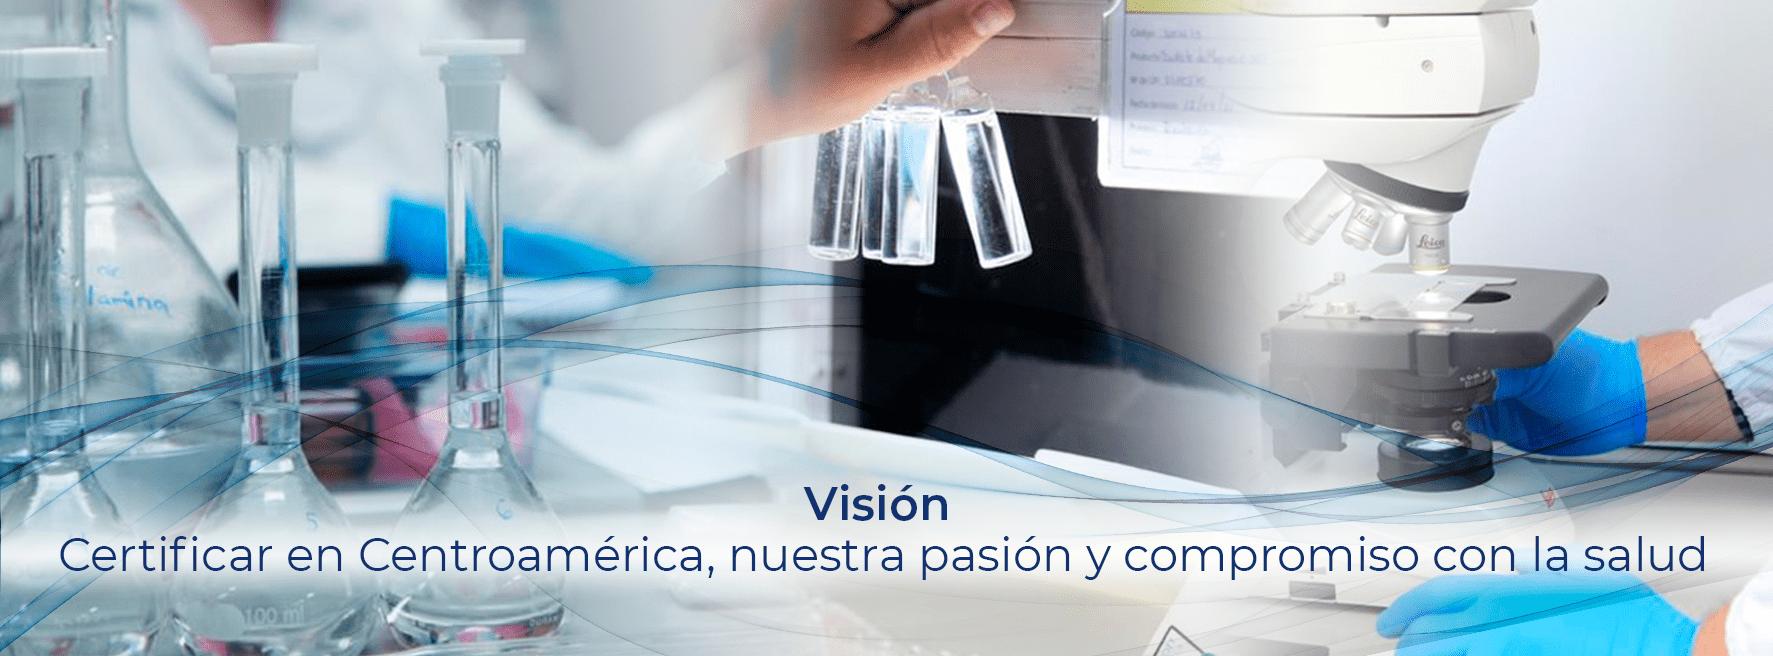 Banner Vision-min